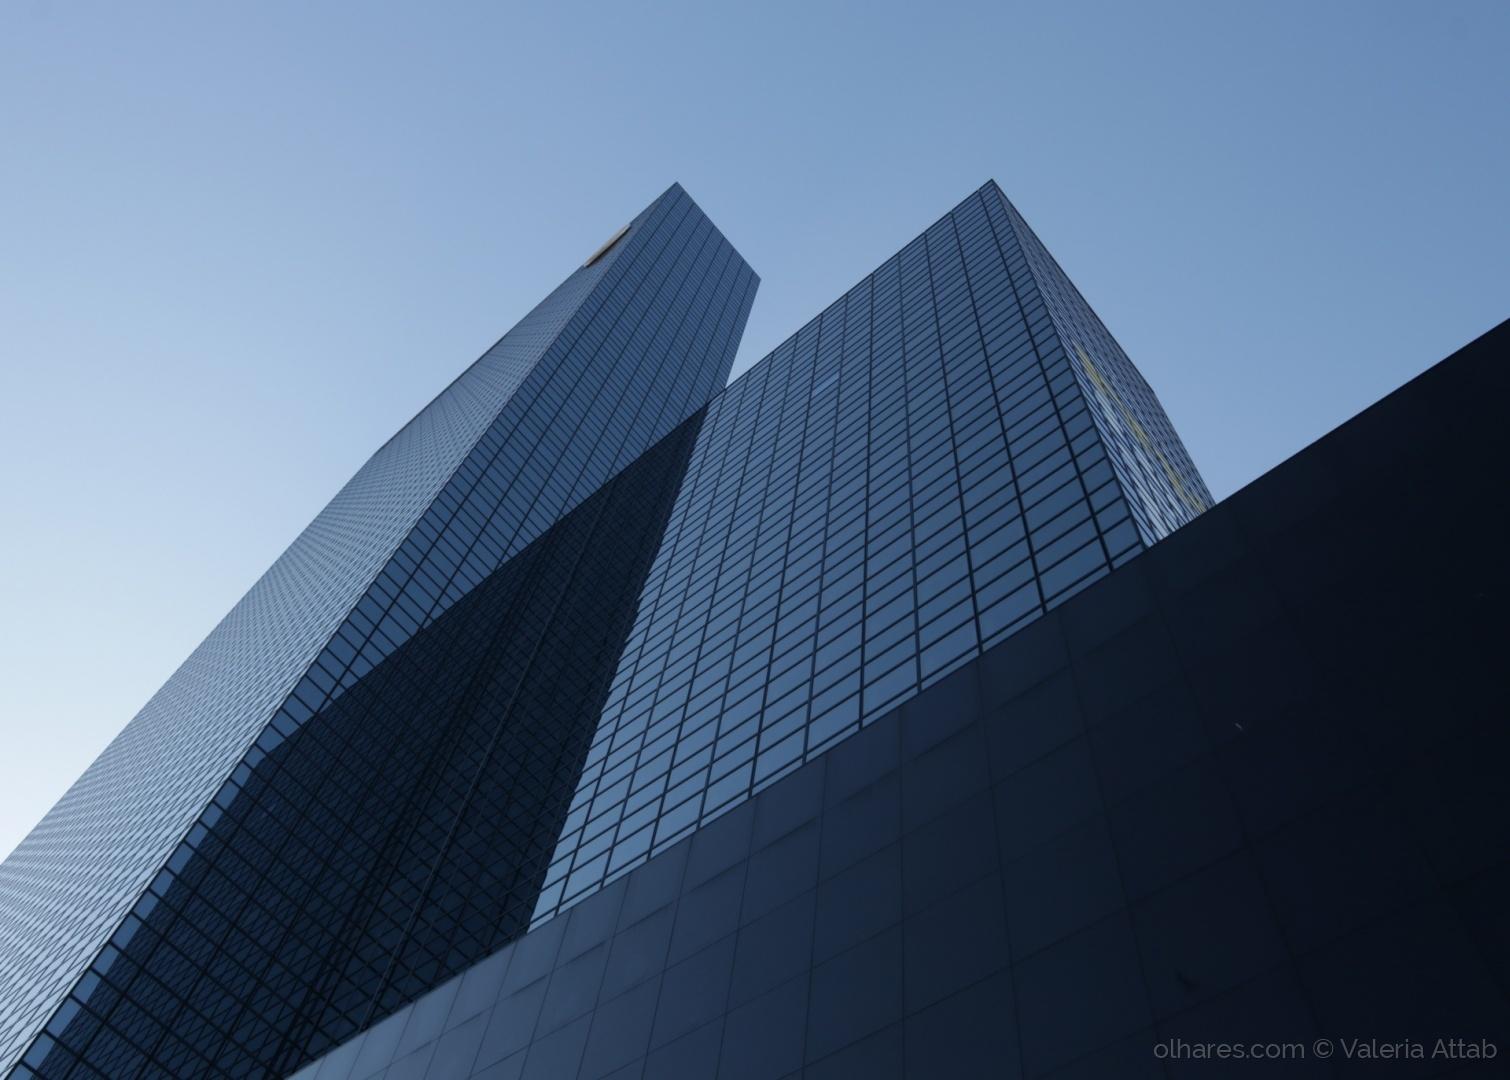 Arquitetura/The building